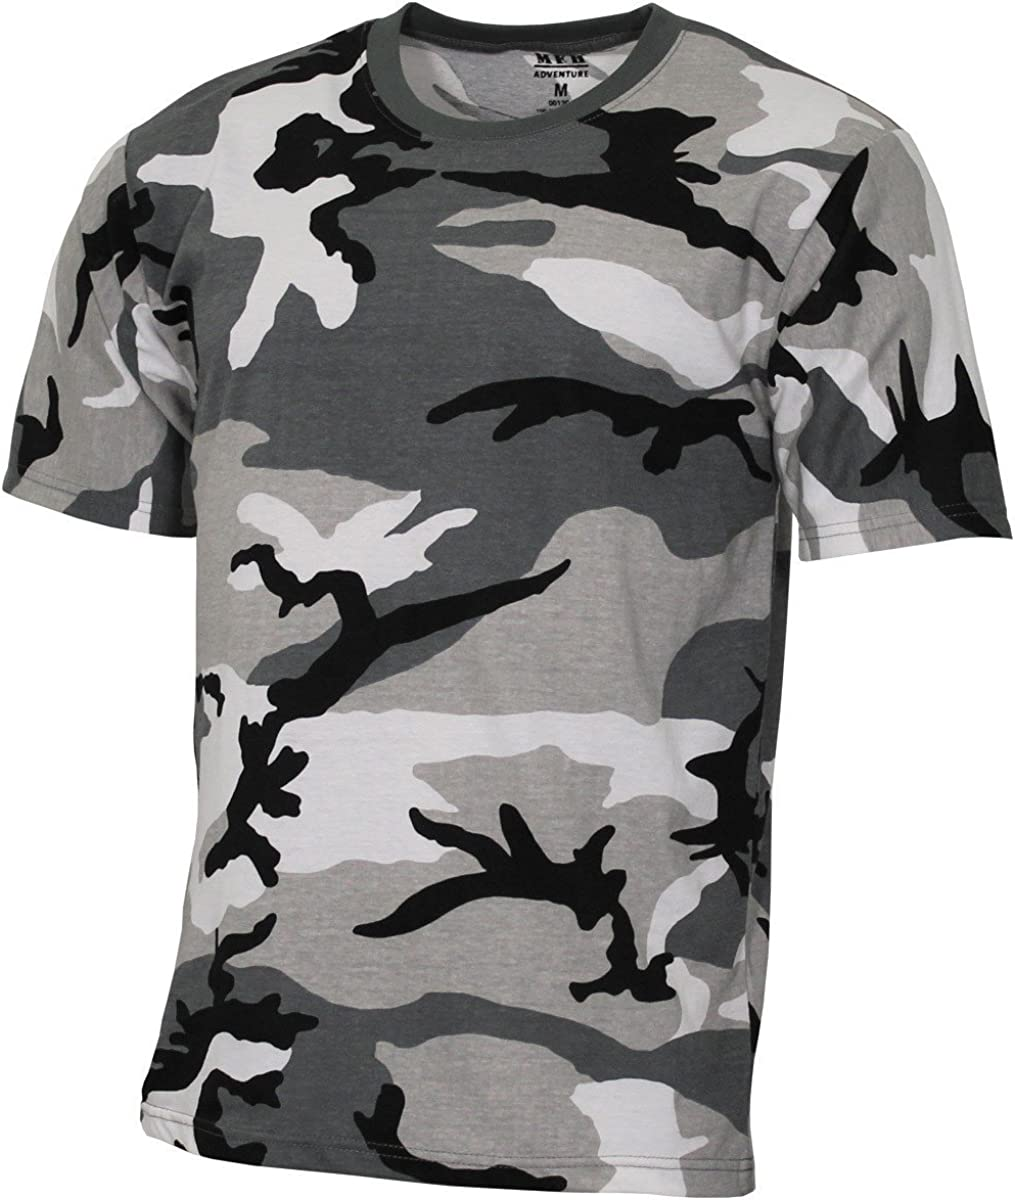 Details zu KINDER T SHIRT Army Bundeswehr Hemd Kids Fashion camo Militär Karneval Fasching